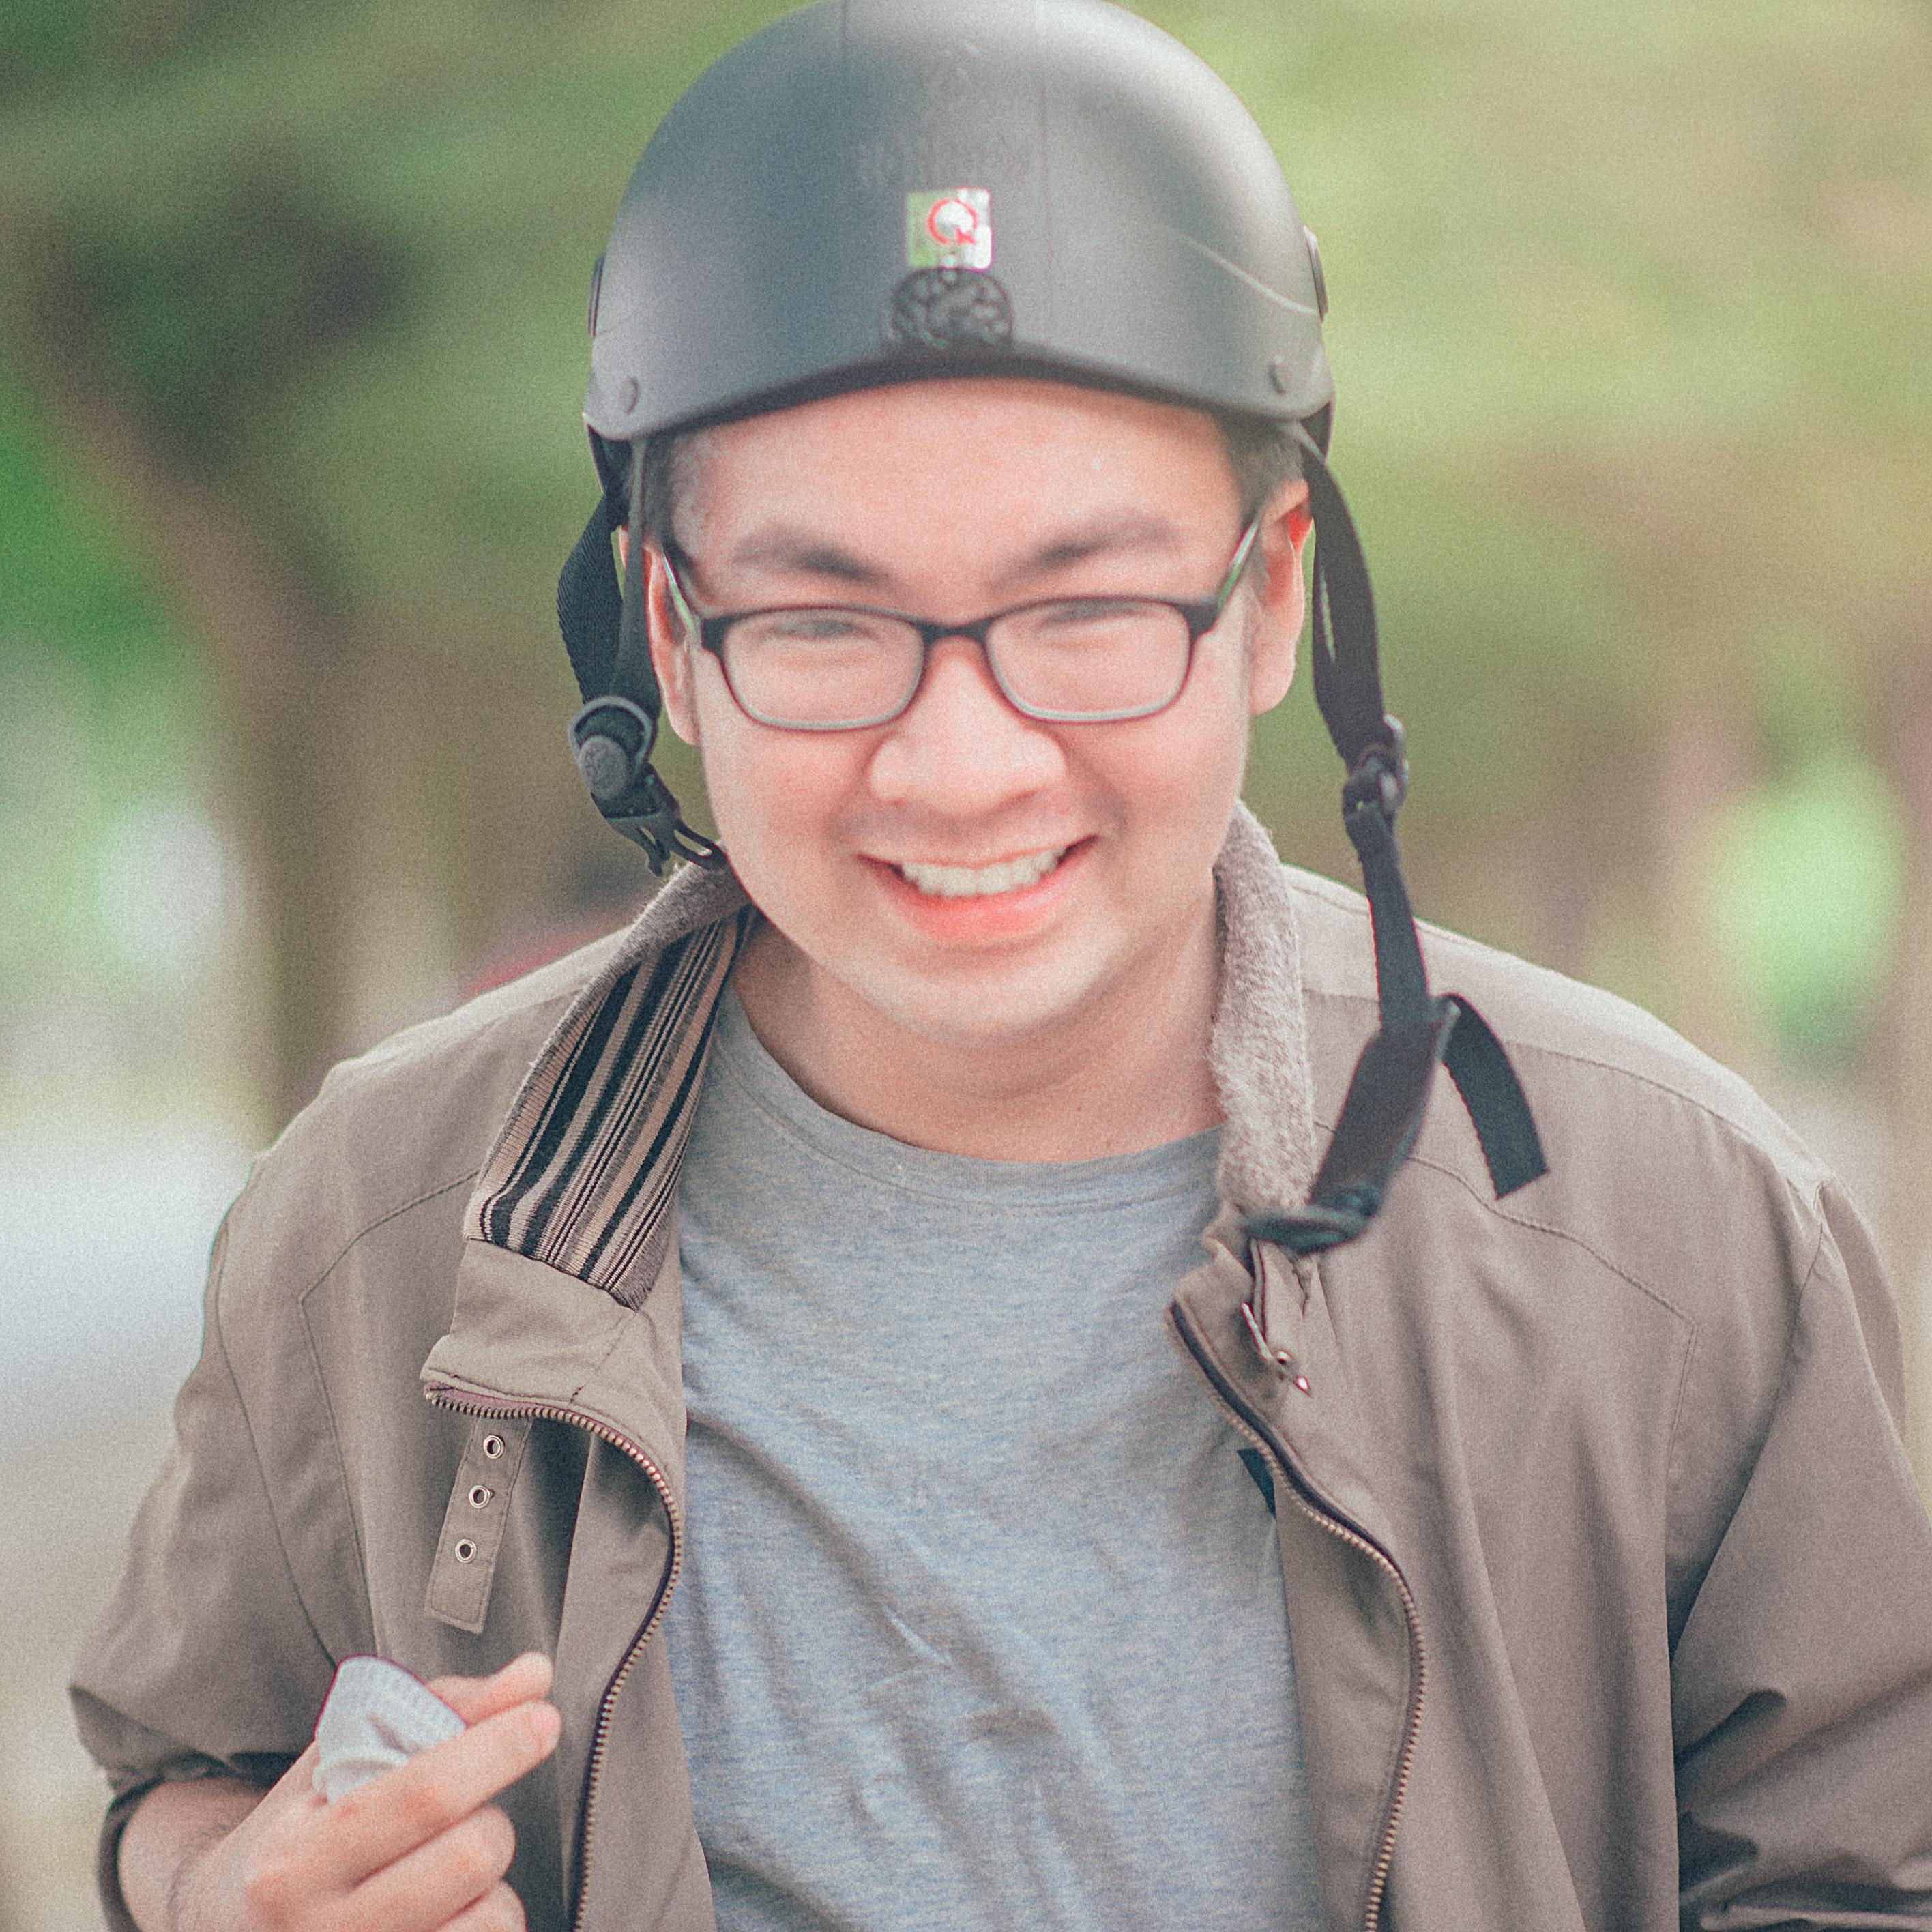 Man wearing black helmet photo